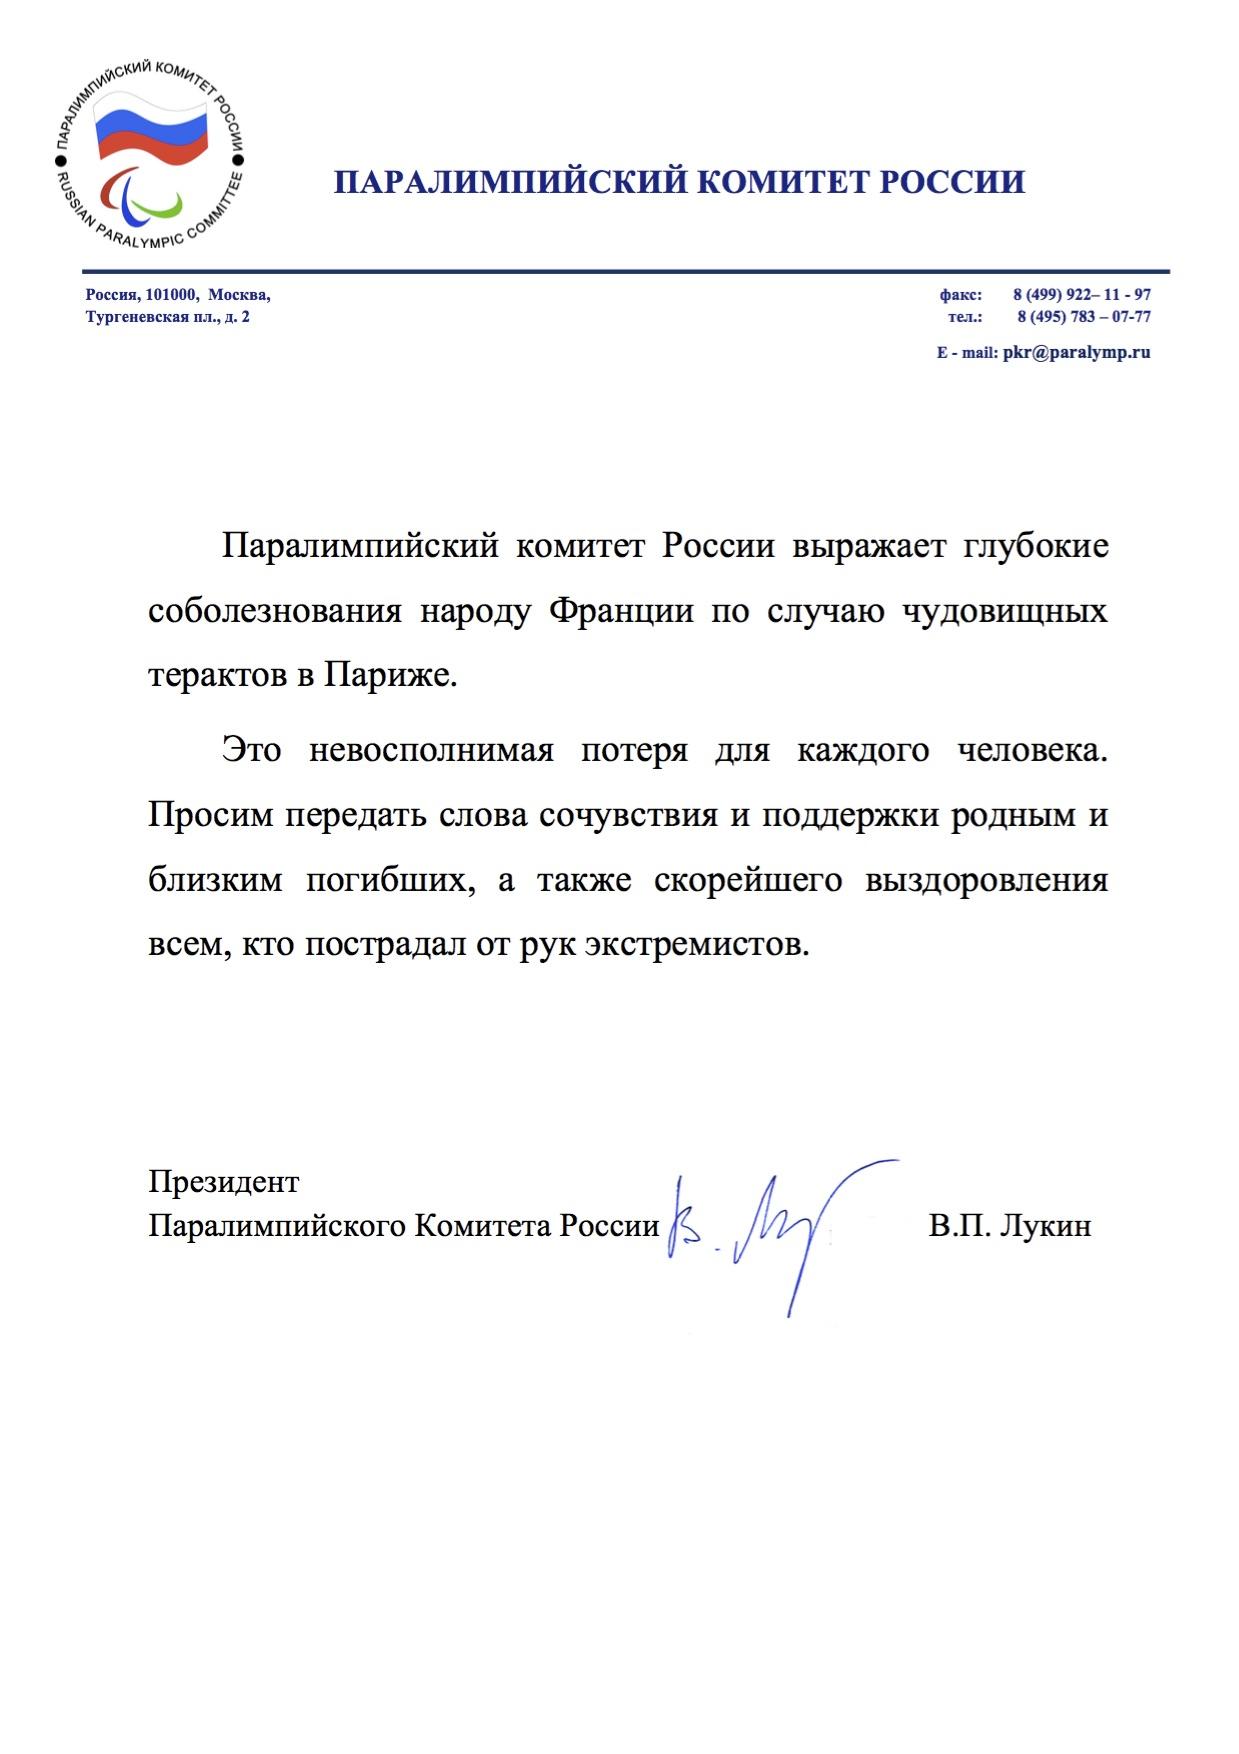 Паралимпийский комитет России выражает глубокие соболезнования народу Франции по случаю чудовищных терактов в Париже